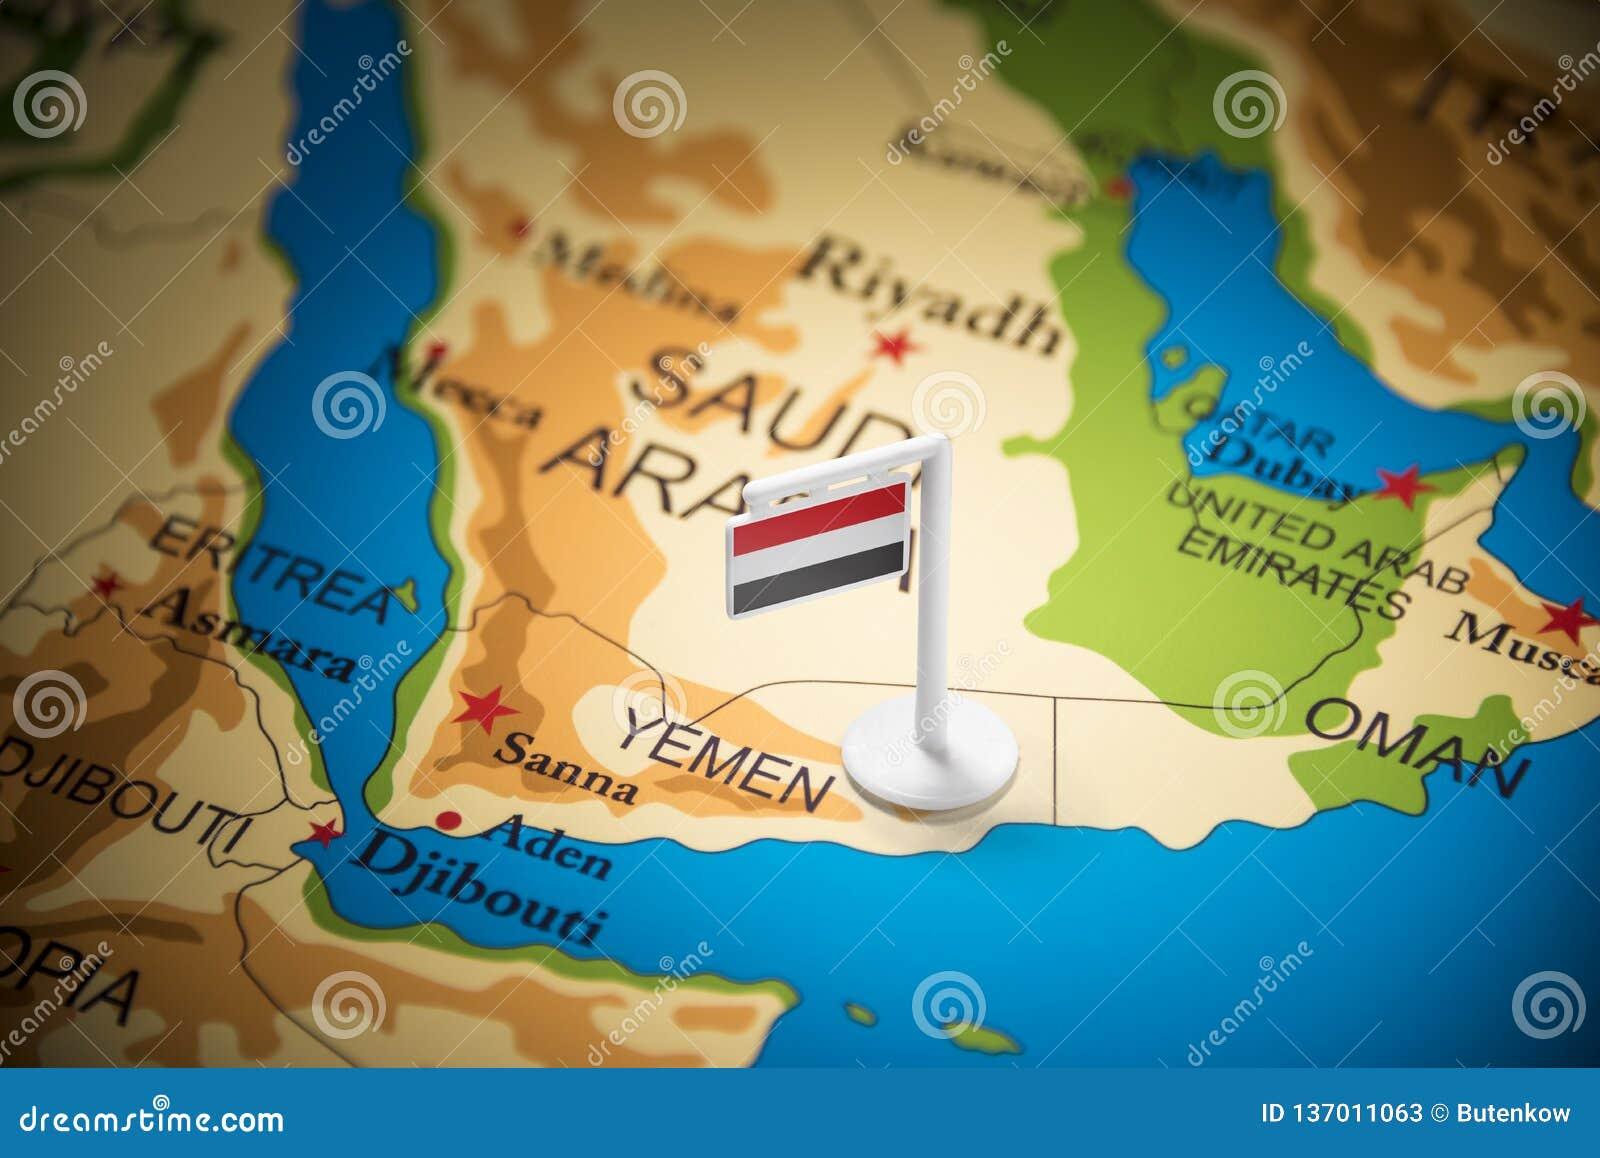 Jemeński oceniony z flagą na mapie